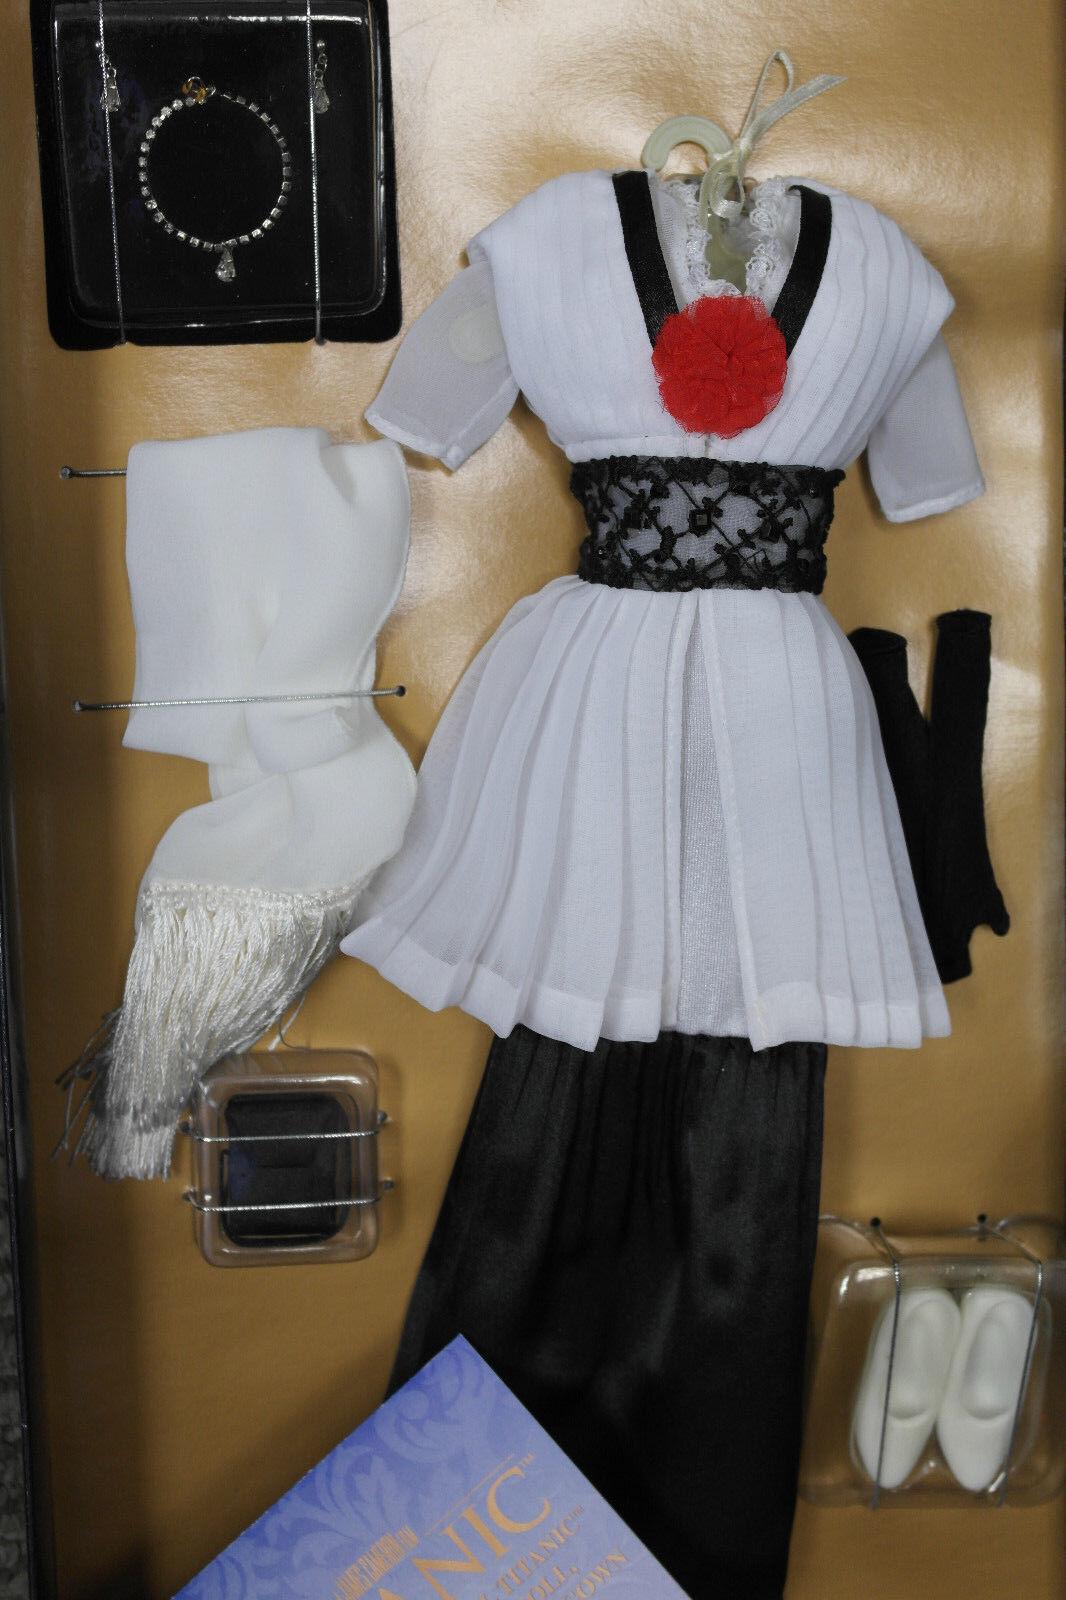 Franklin Mint Titanic rosado Muñeca Negra y blancoa Elevador conjunto raro certificado de autenticidad